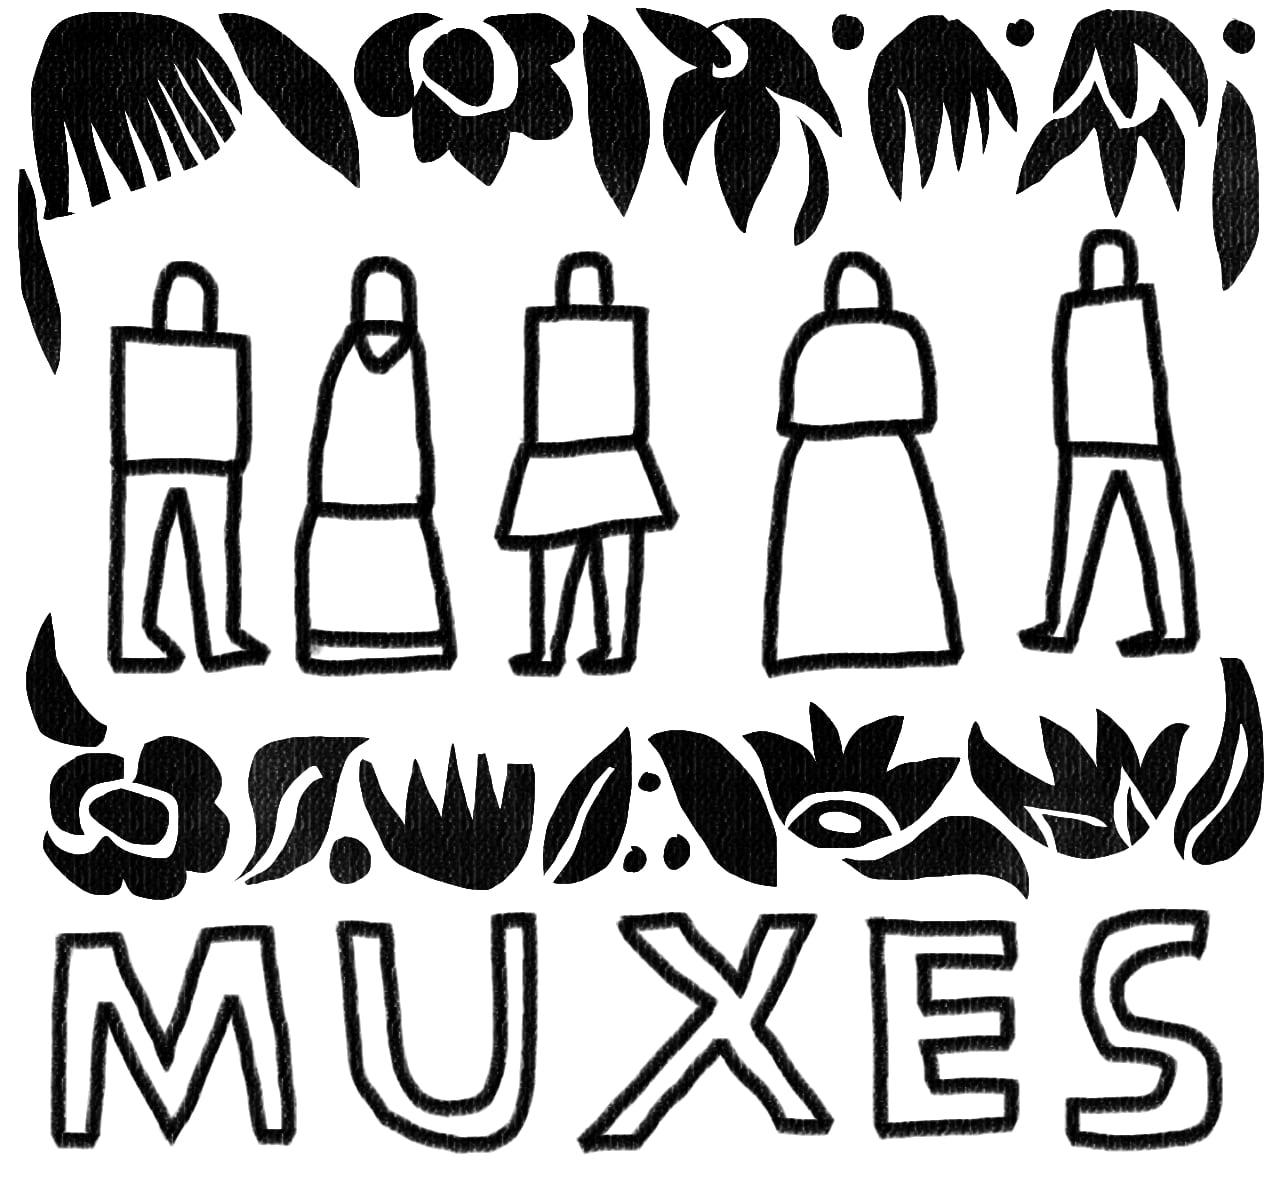 Zrozumieć muxes. Trzecia płeć u Zapoteków okiem antropolożki